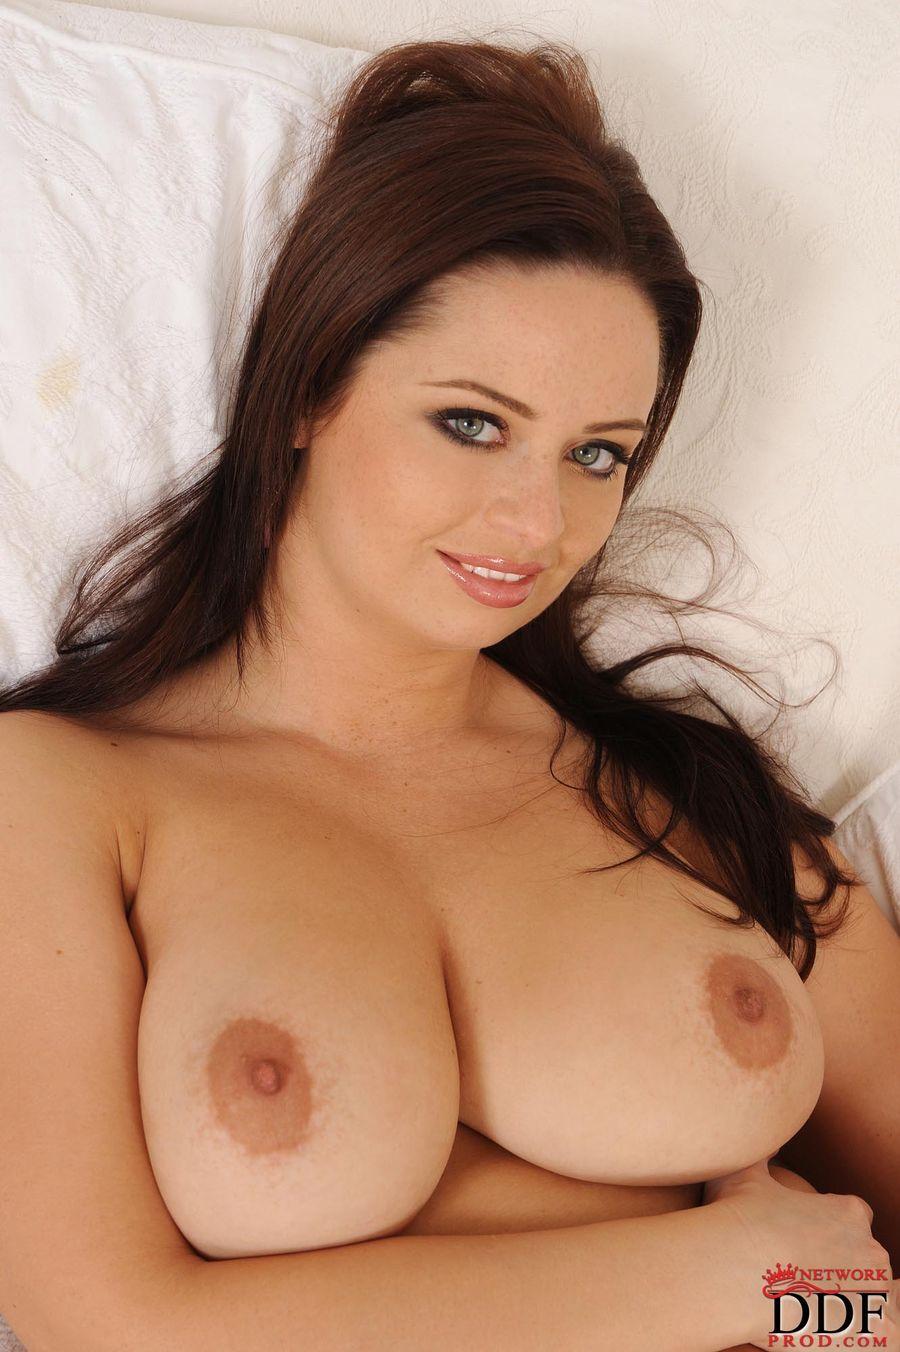 natural boobs new